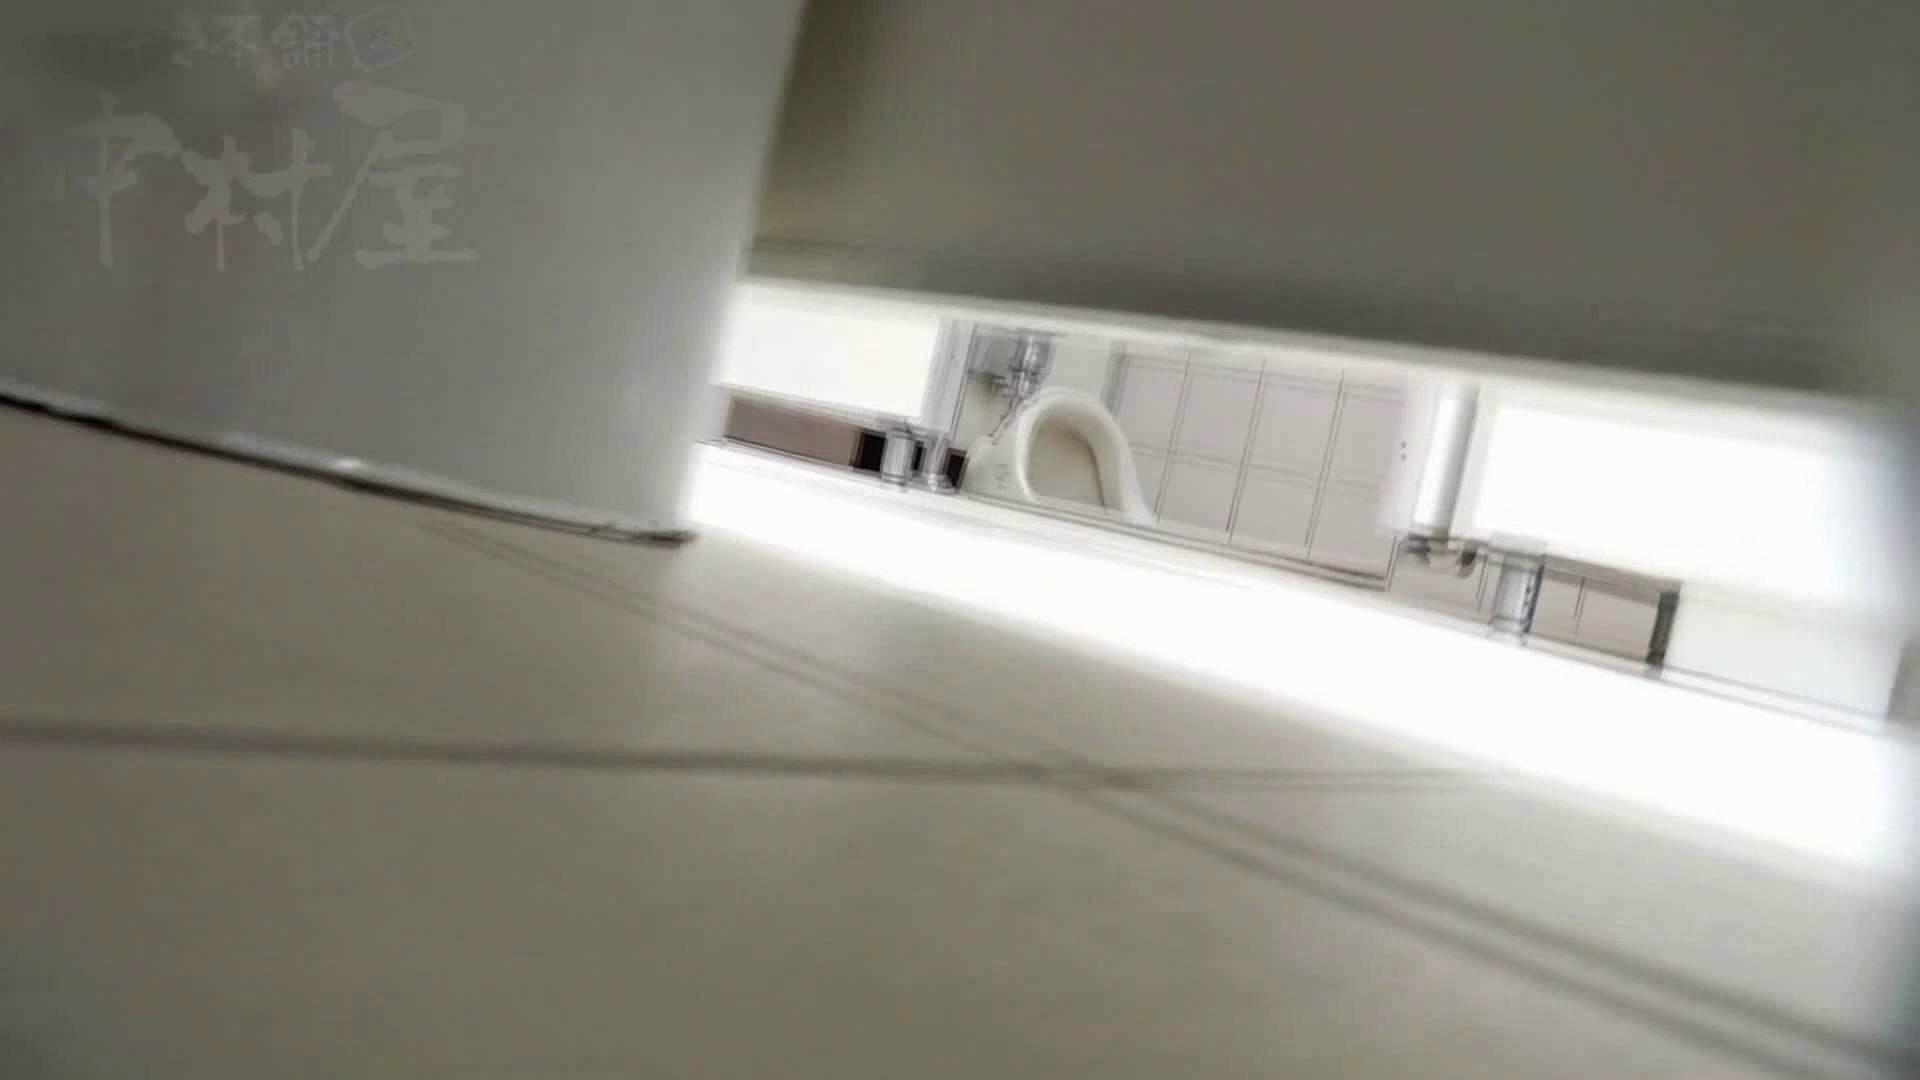 美しい日本の未来 No.08 腕を磨き再発進 排泄 おまんこ動画流出 90PICs 56